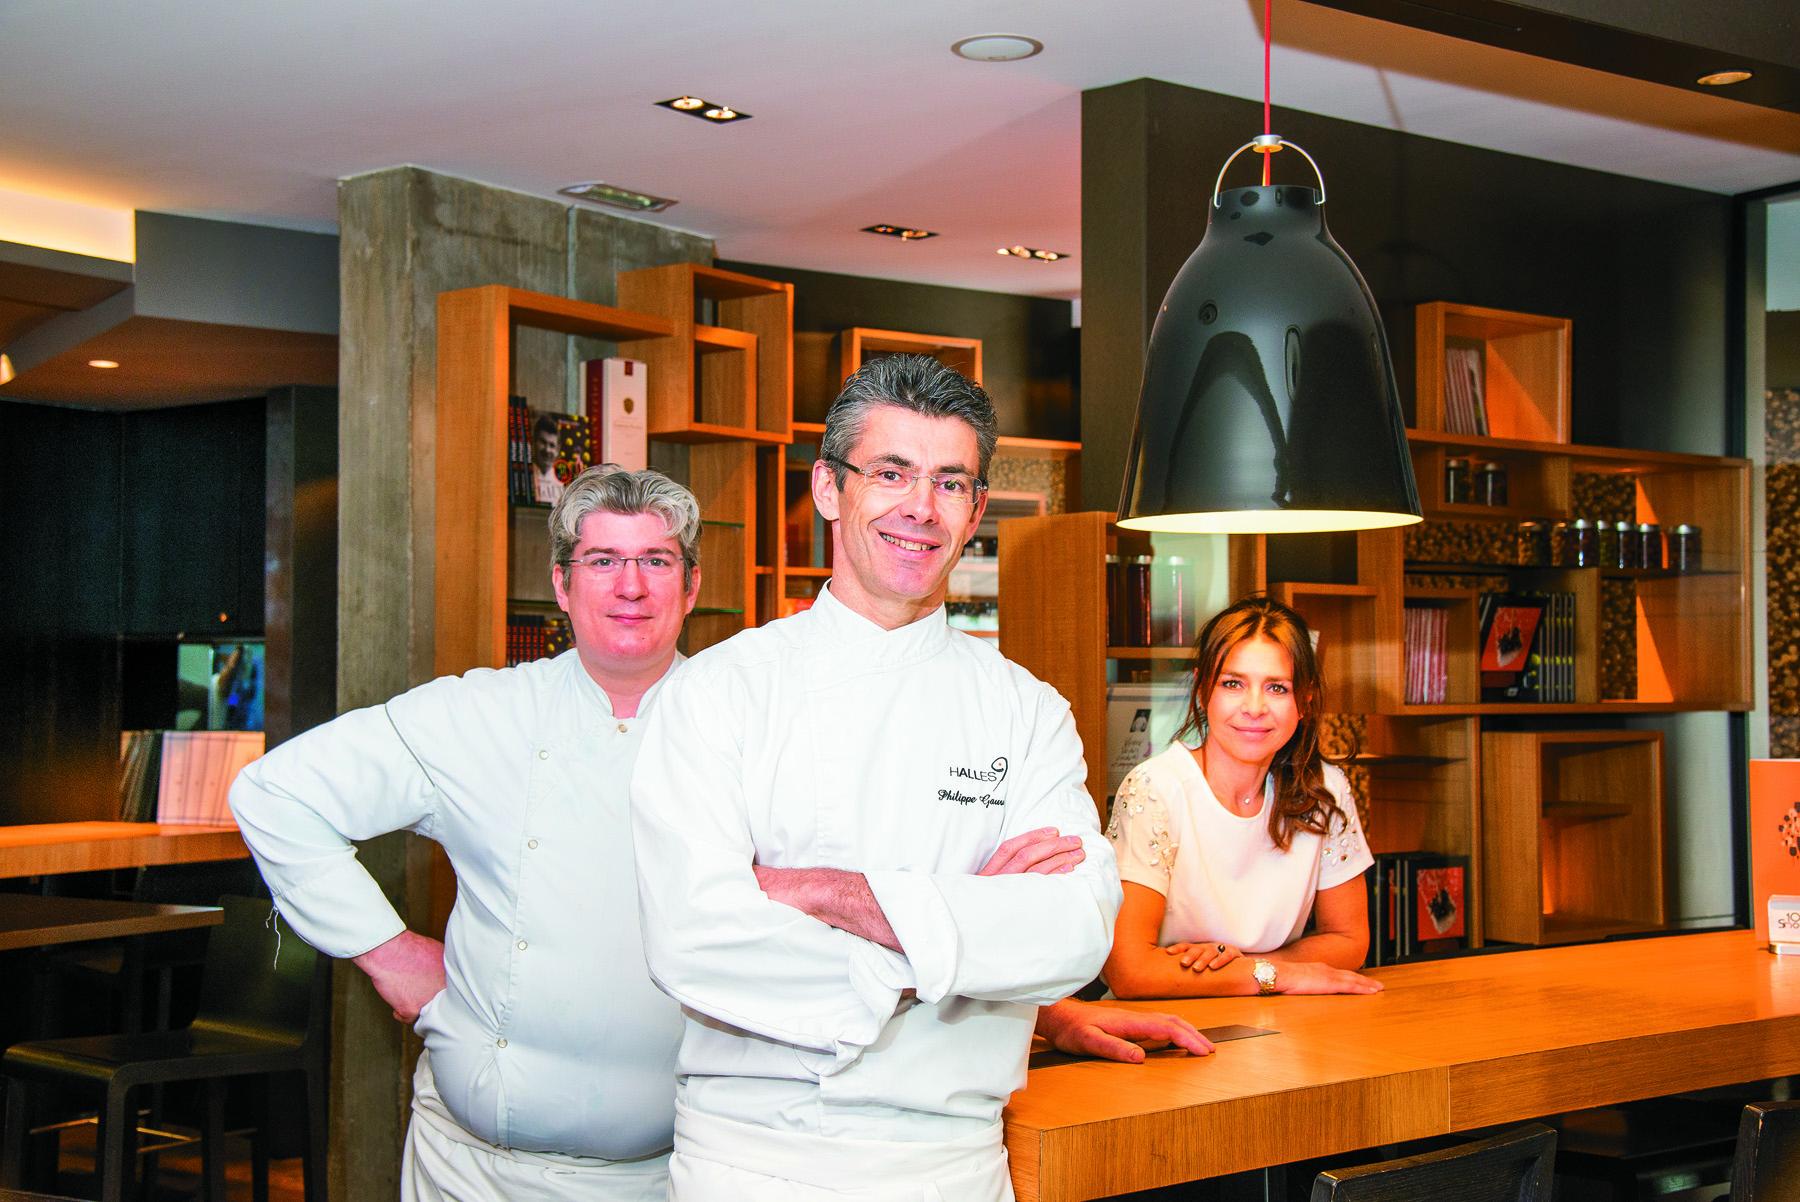 Restaurant Brasserie Halles 9 - Philippe Gauvreau